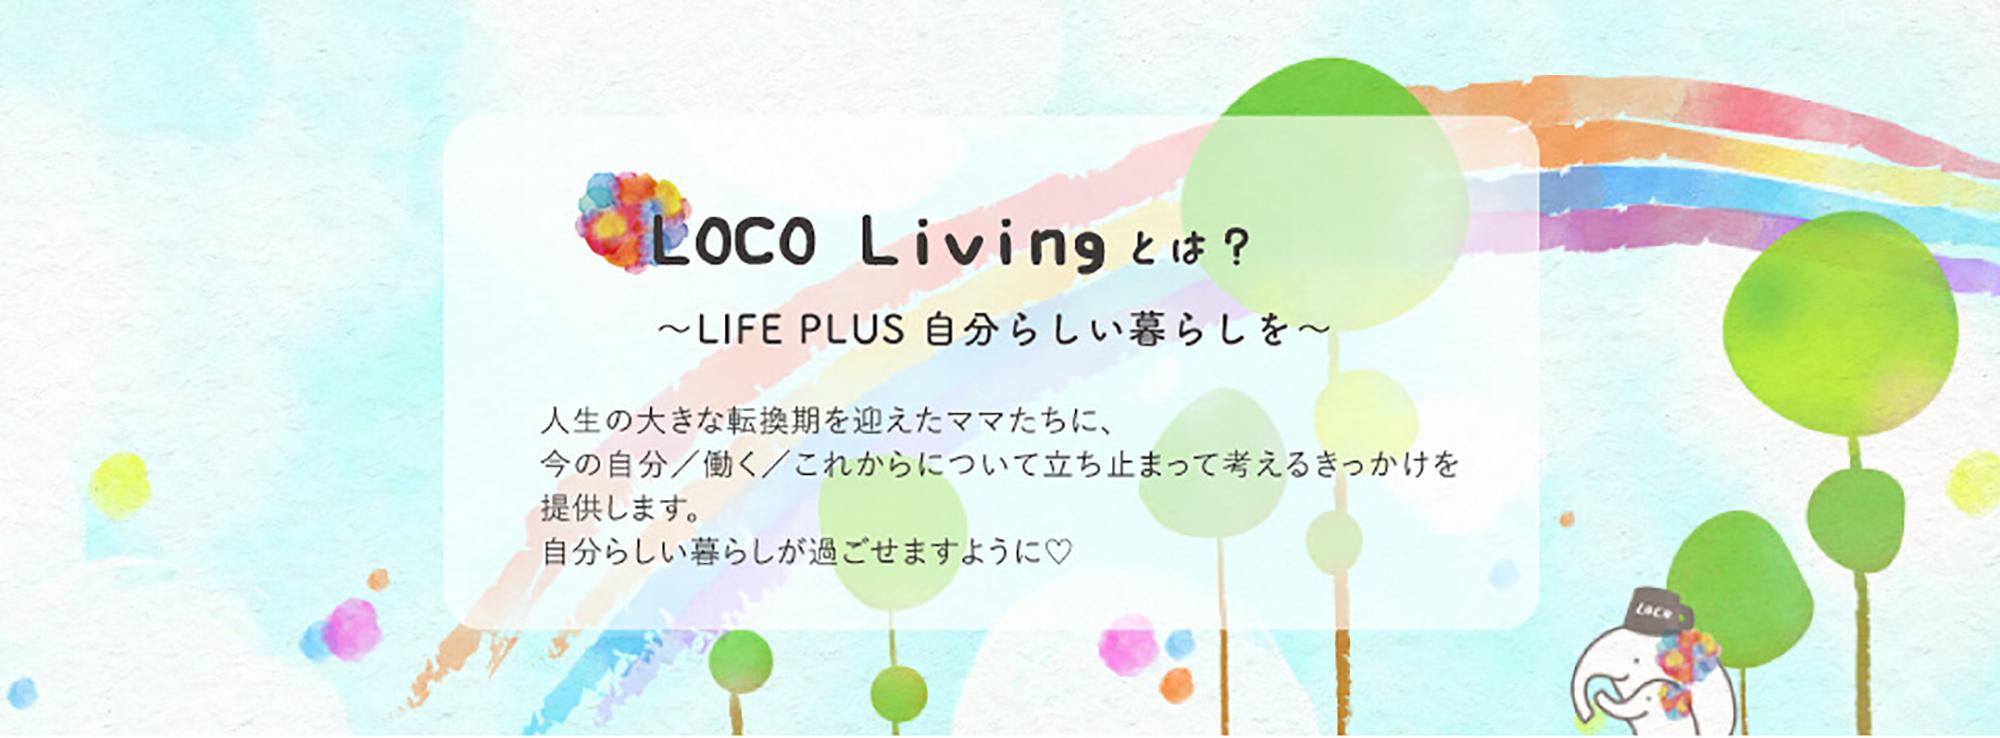 loco livingについて